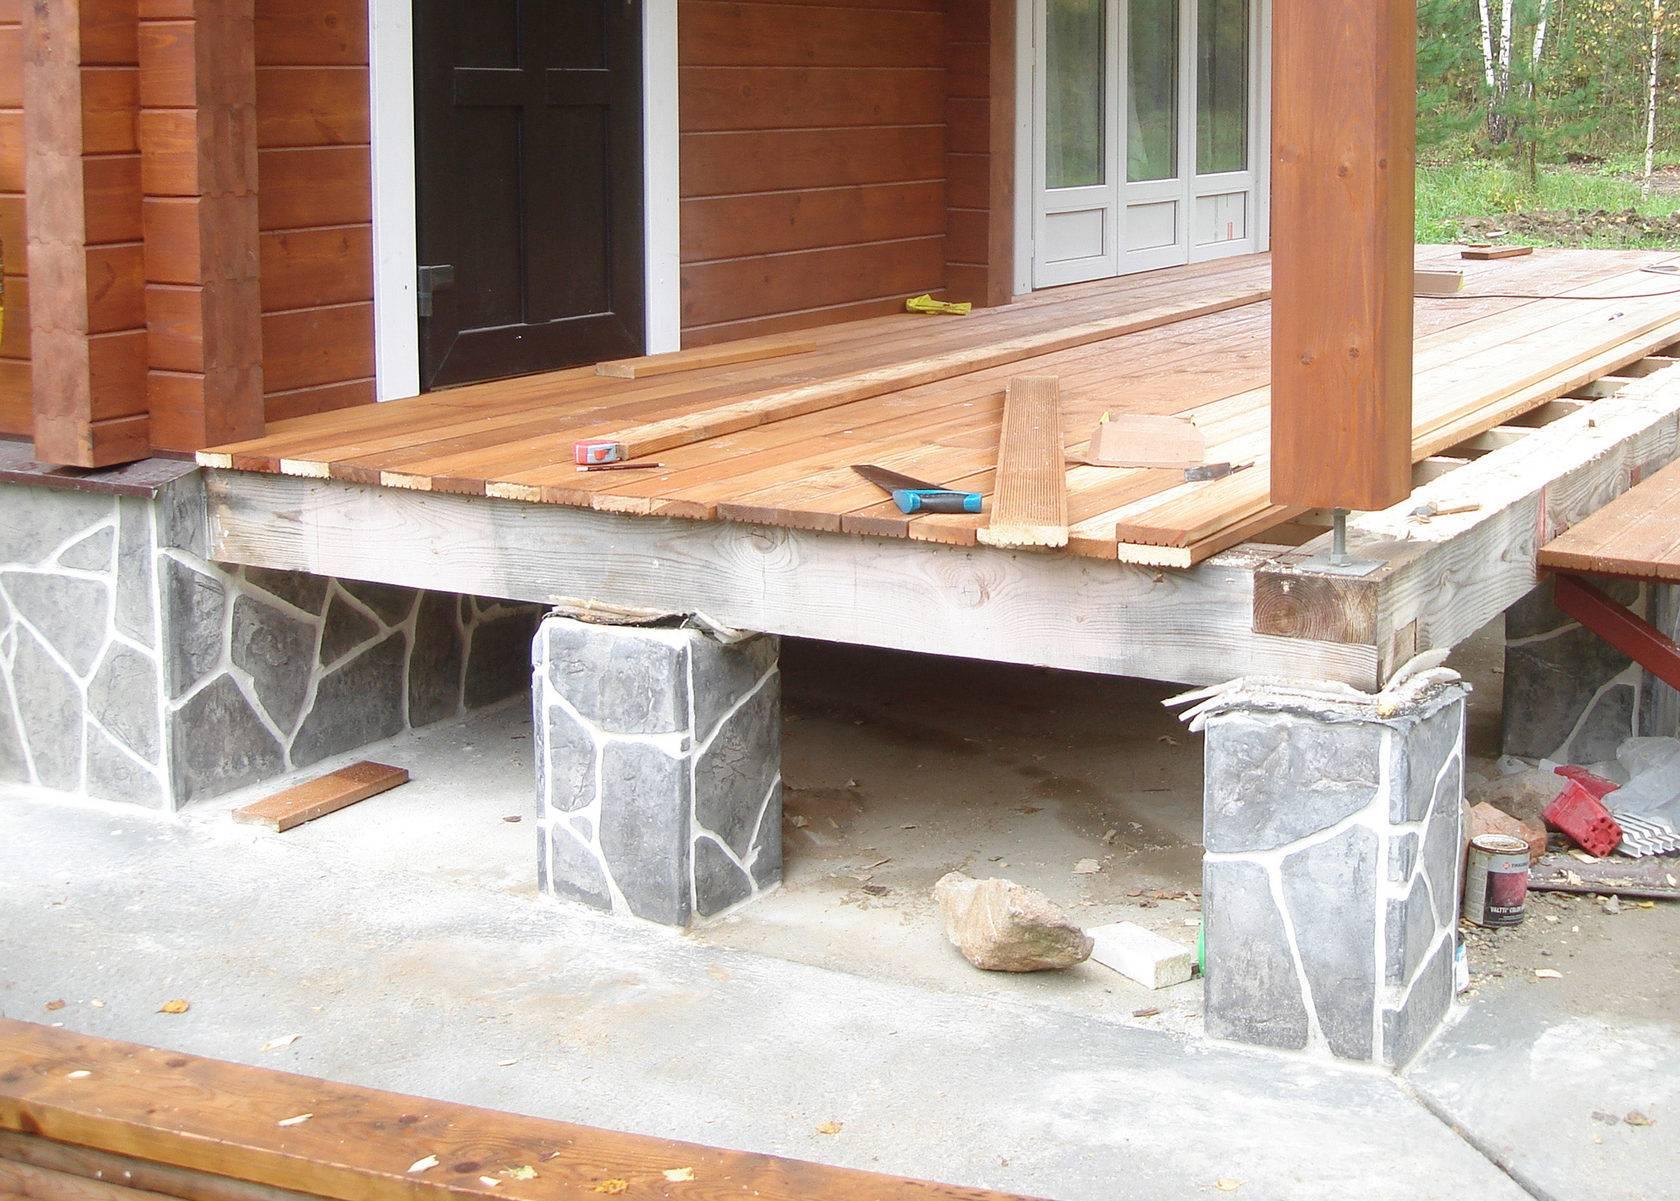 ✅ фундамент под веранду: пошаговая инструкция строительства своими руками, как сделать столбчатый для террасы, отдельно или связать к дому - tehnoyug.com